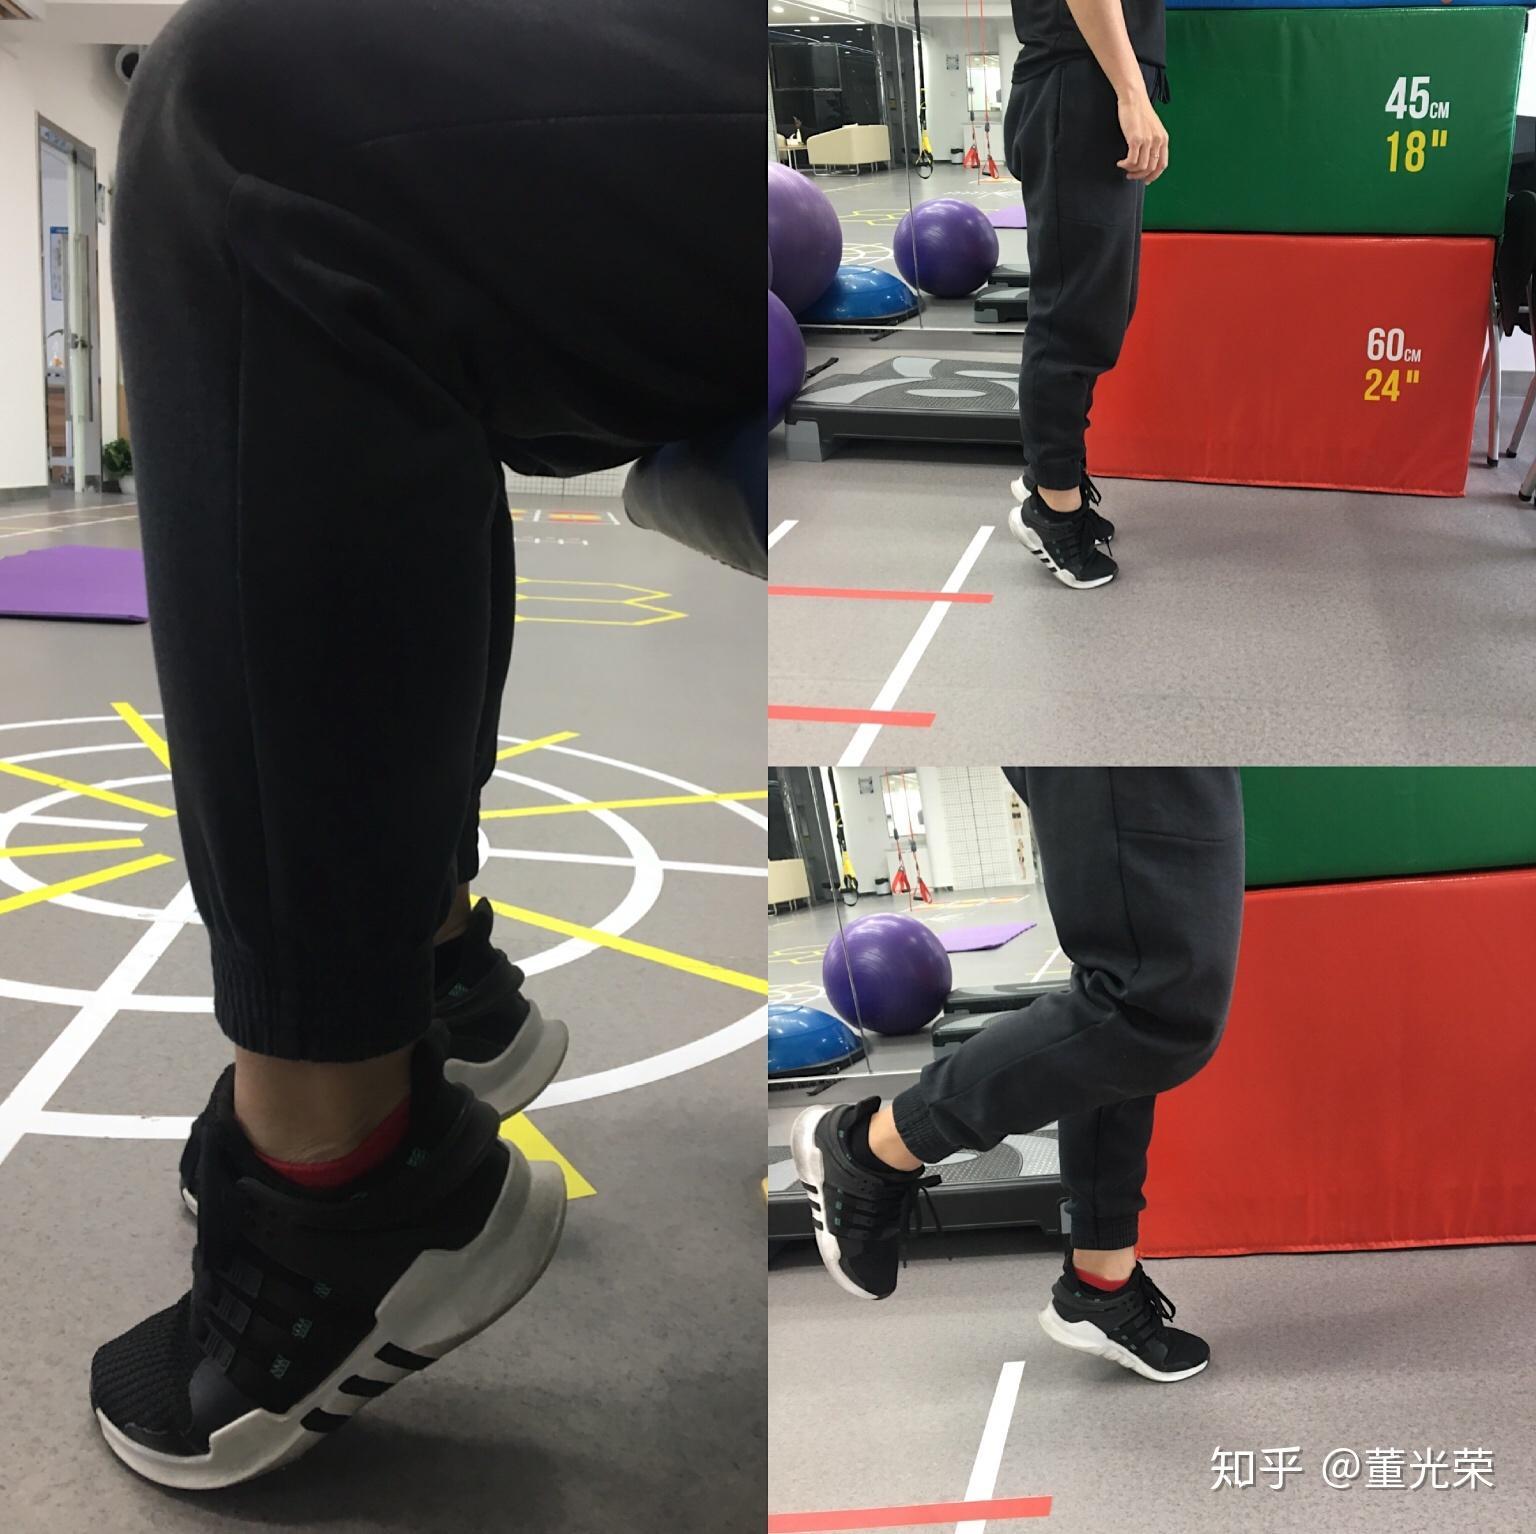 小腿肌肉萎缩的症状